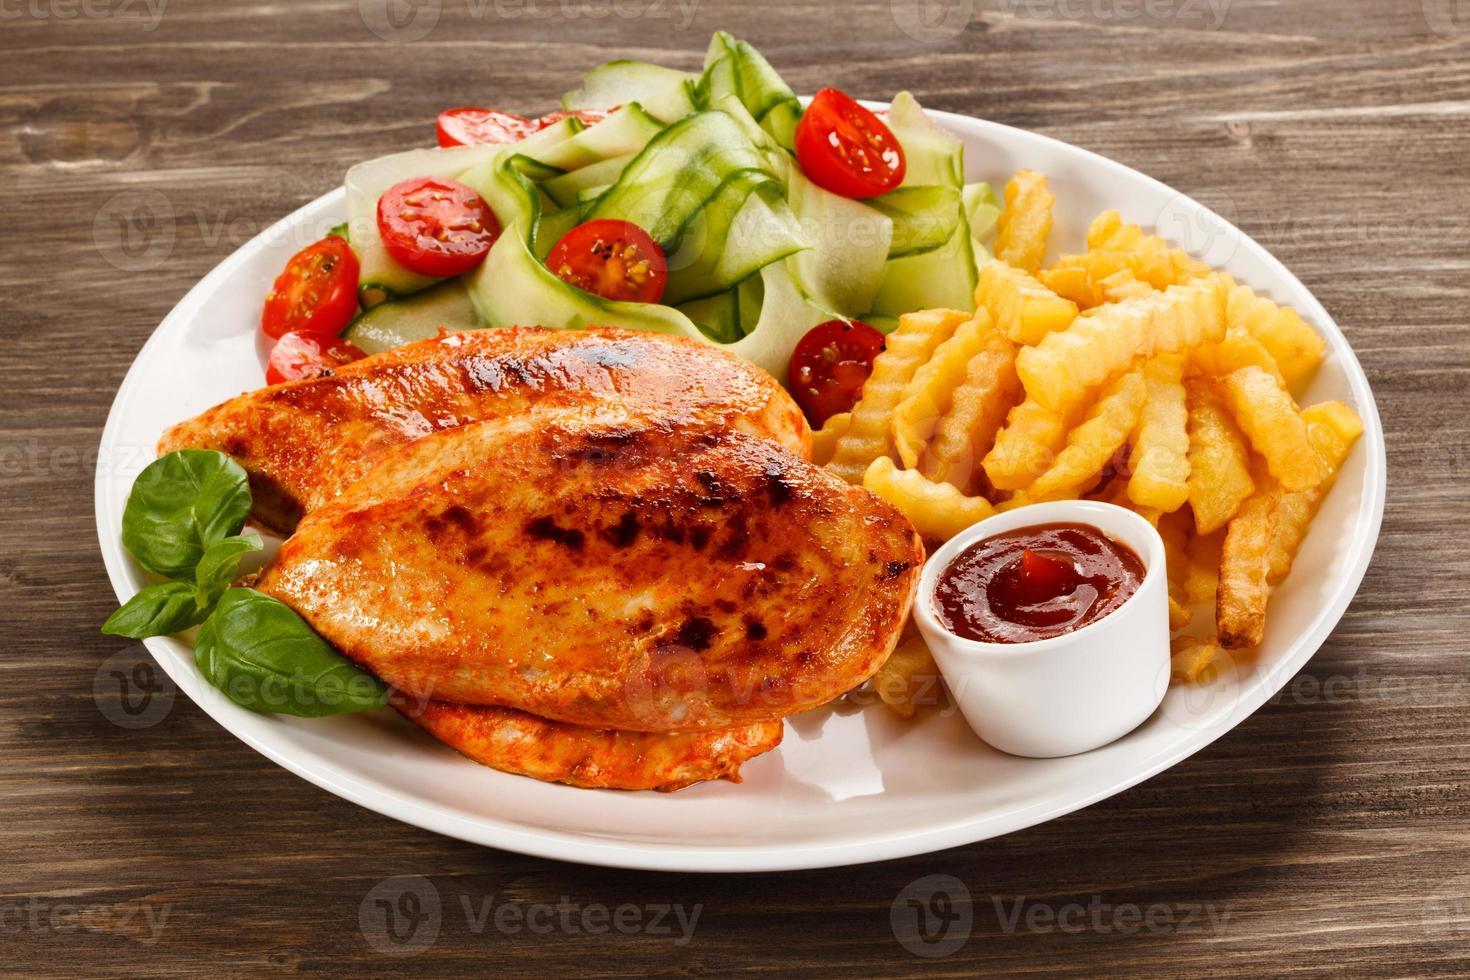 filetti di pollo alla brace, patatine fritte e verdure su sfondo bianco foto